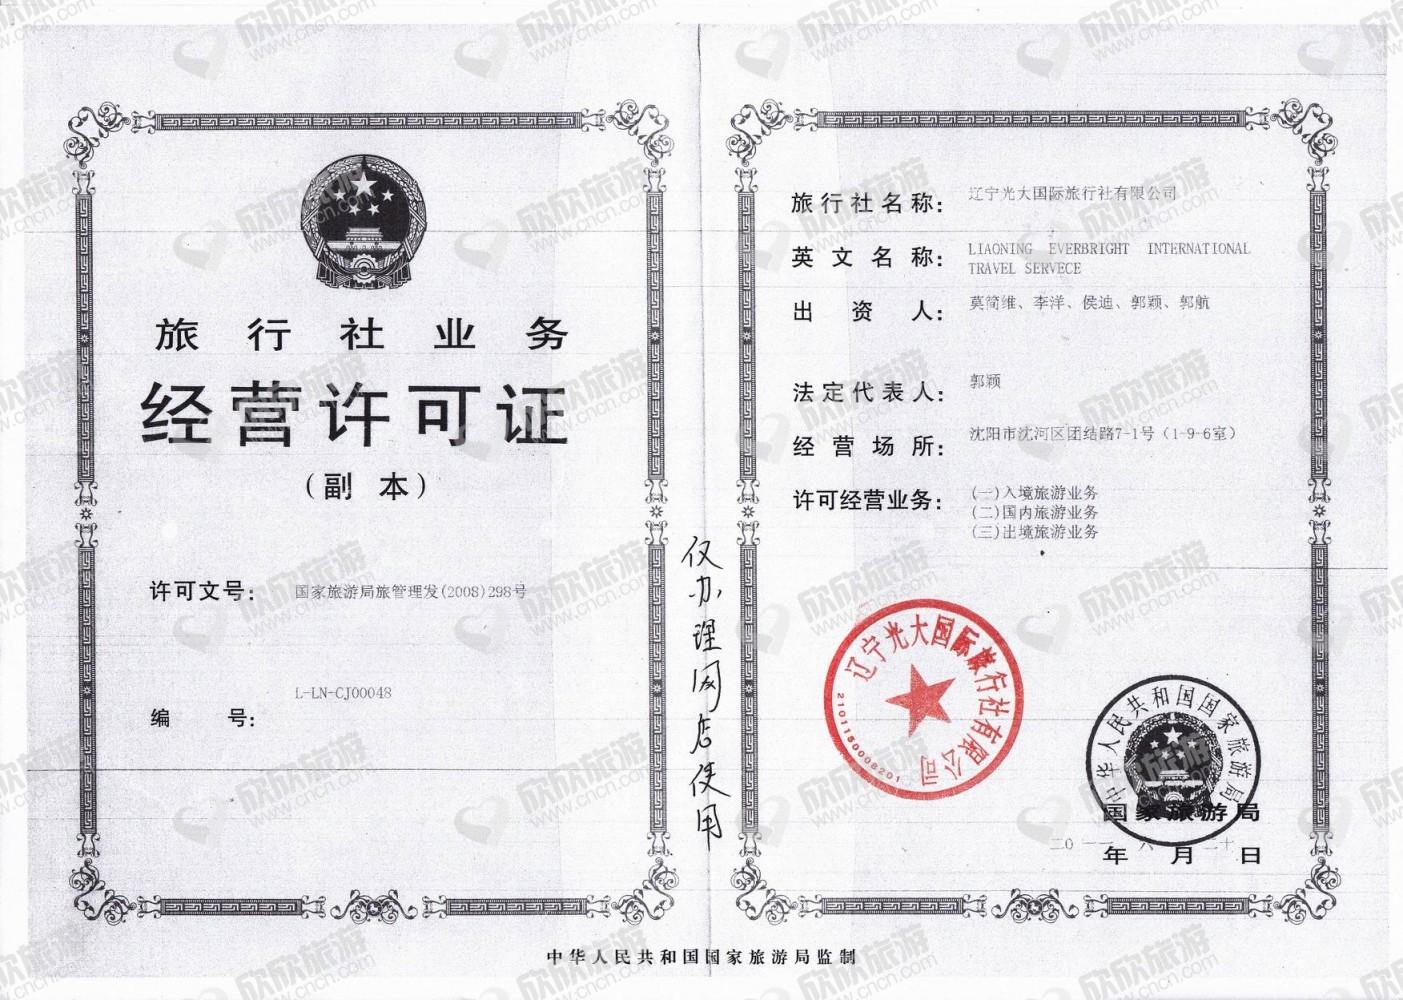 辽宁光大国际旅行社有限公司经营许可证